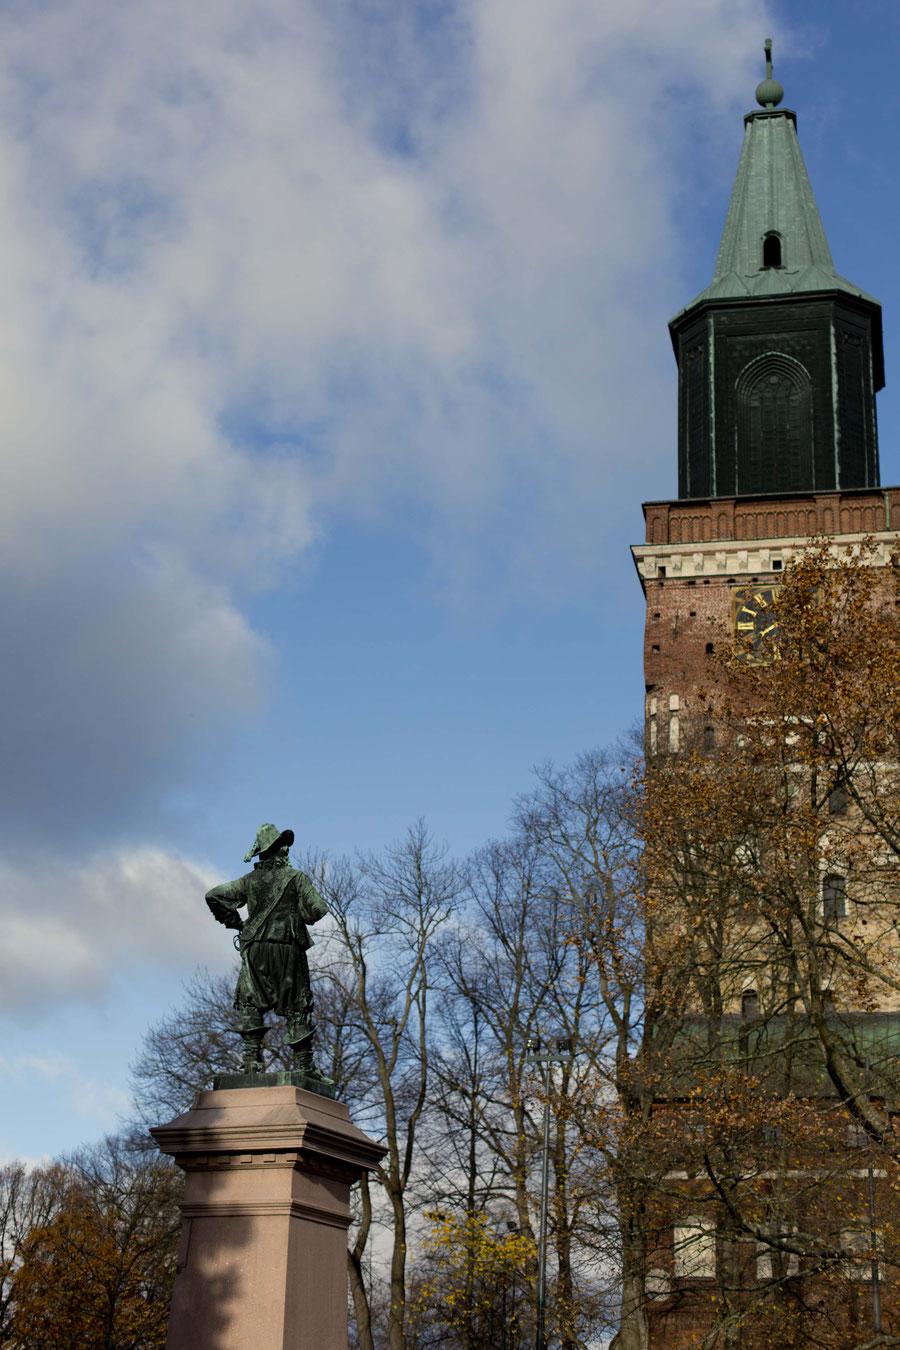 Statur vor dem Dom in Turku, Finnland